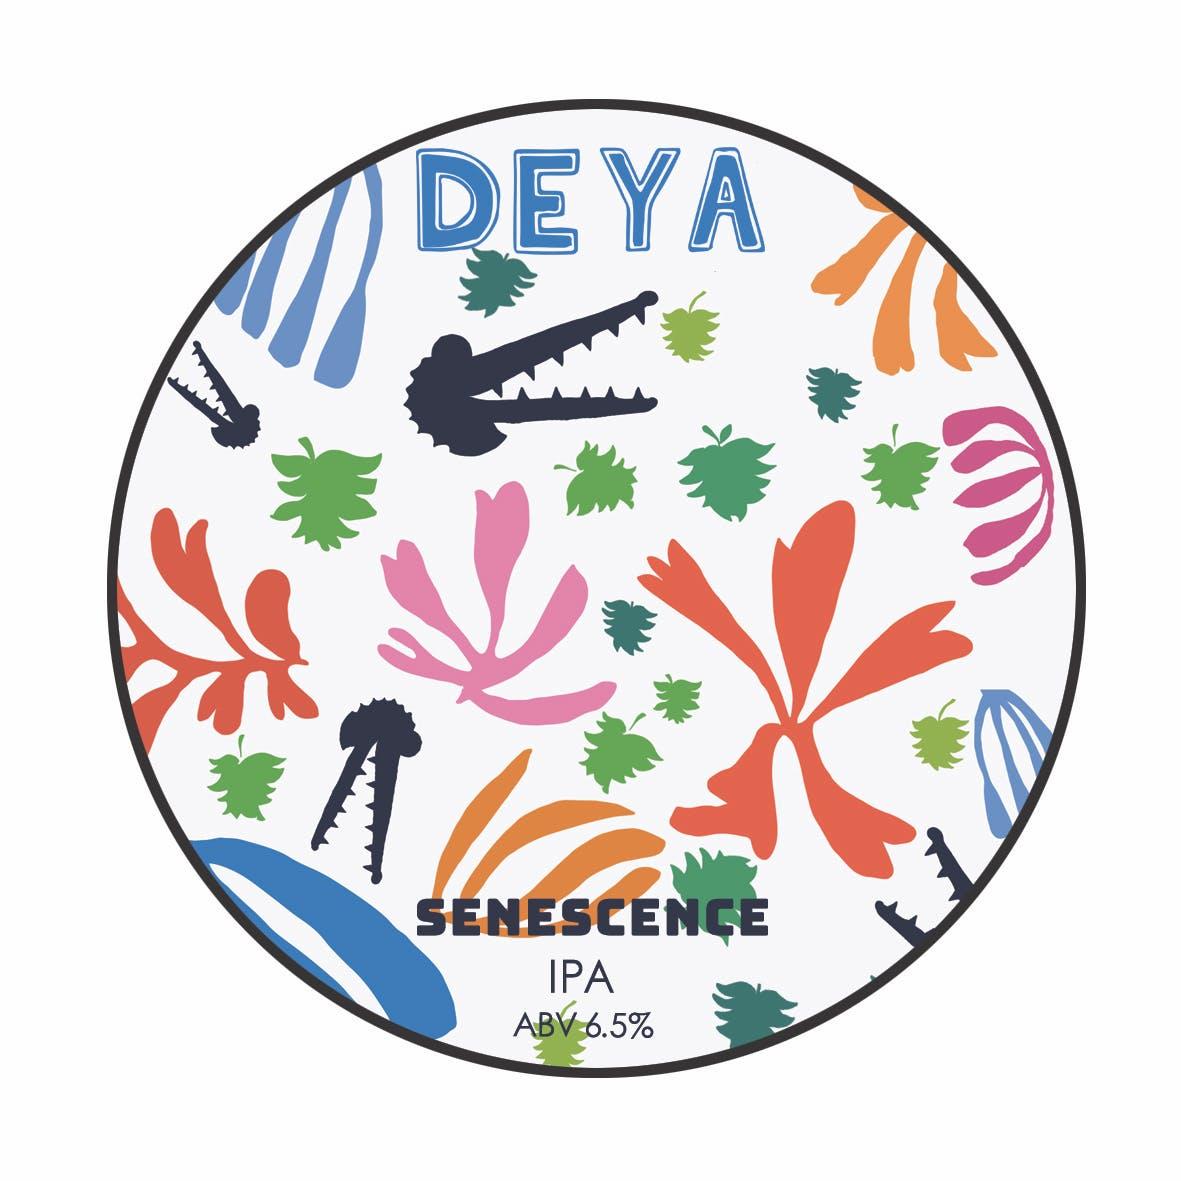 DEYA Senescence